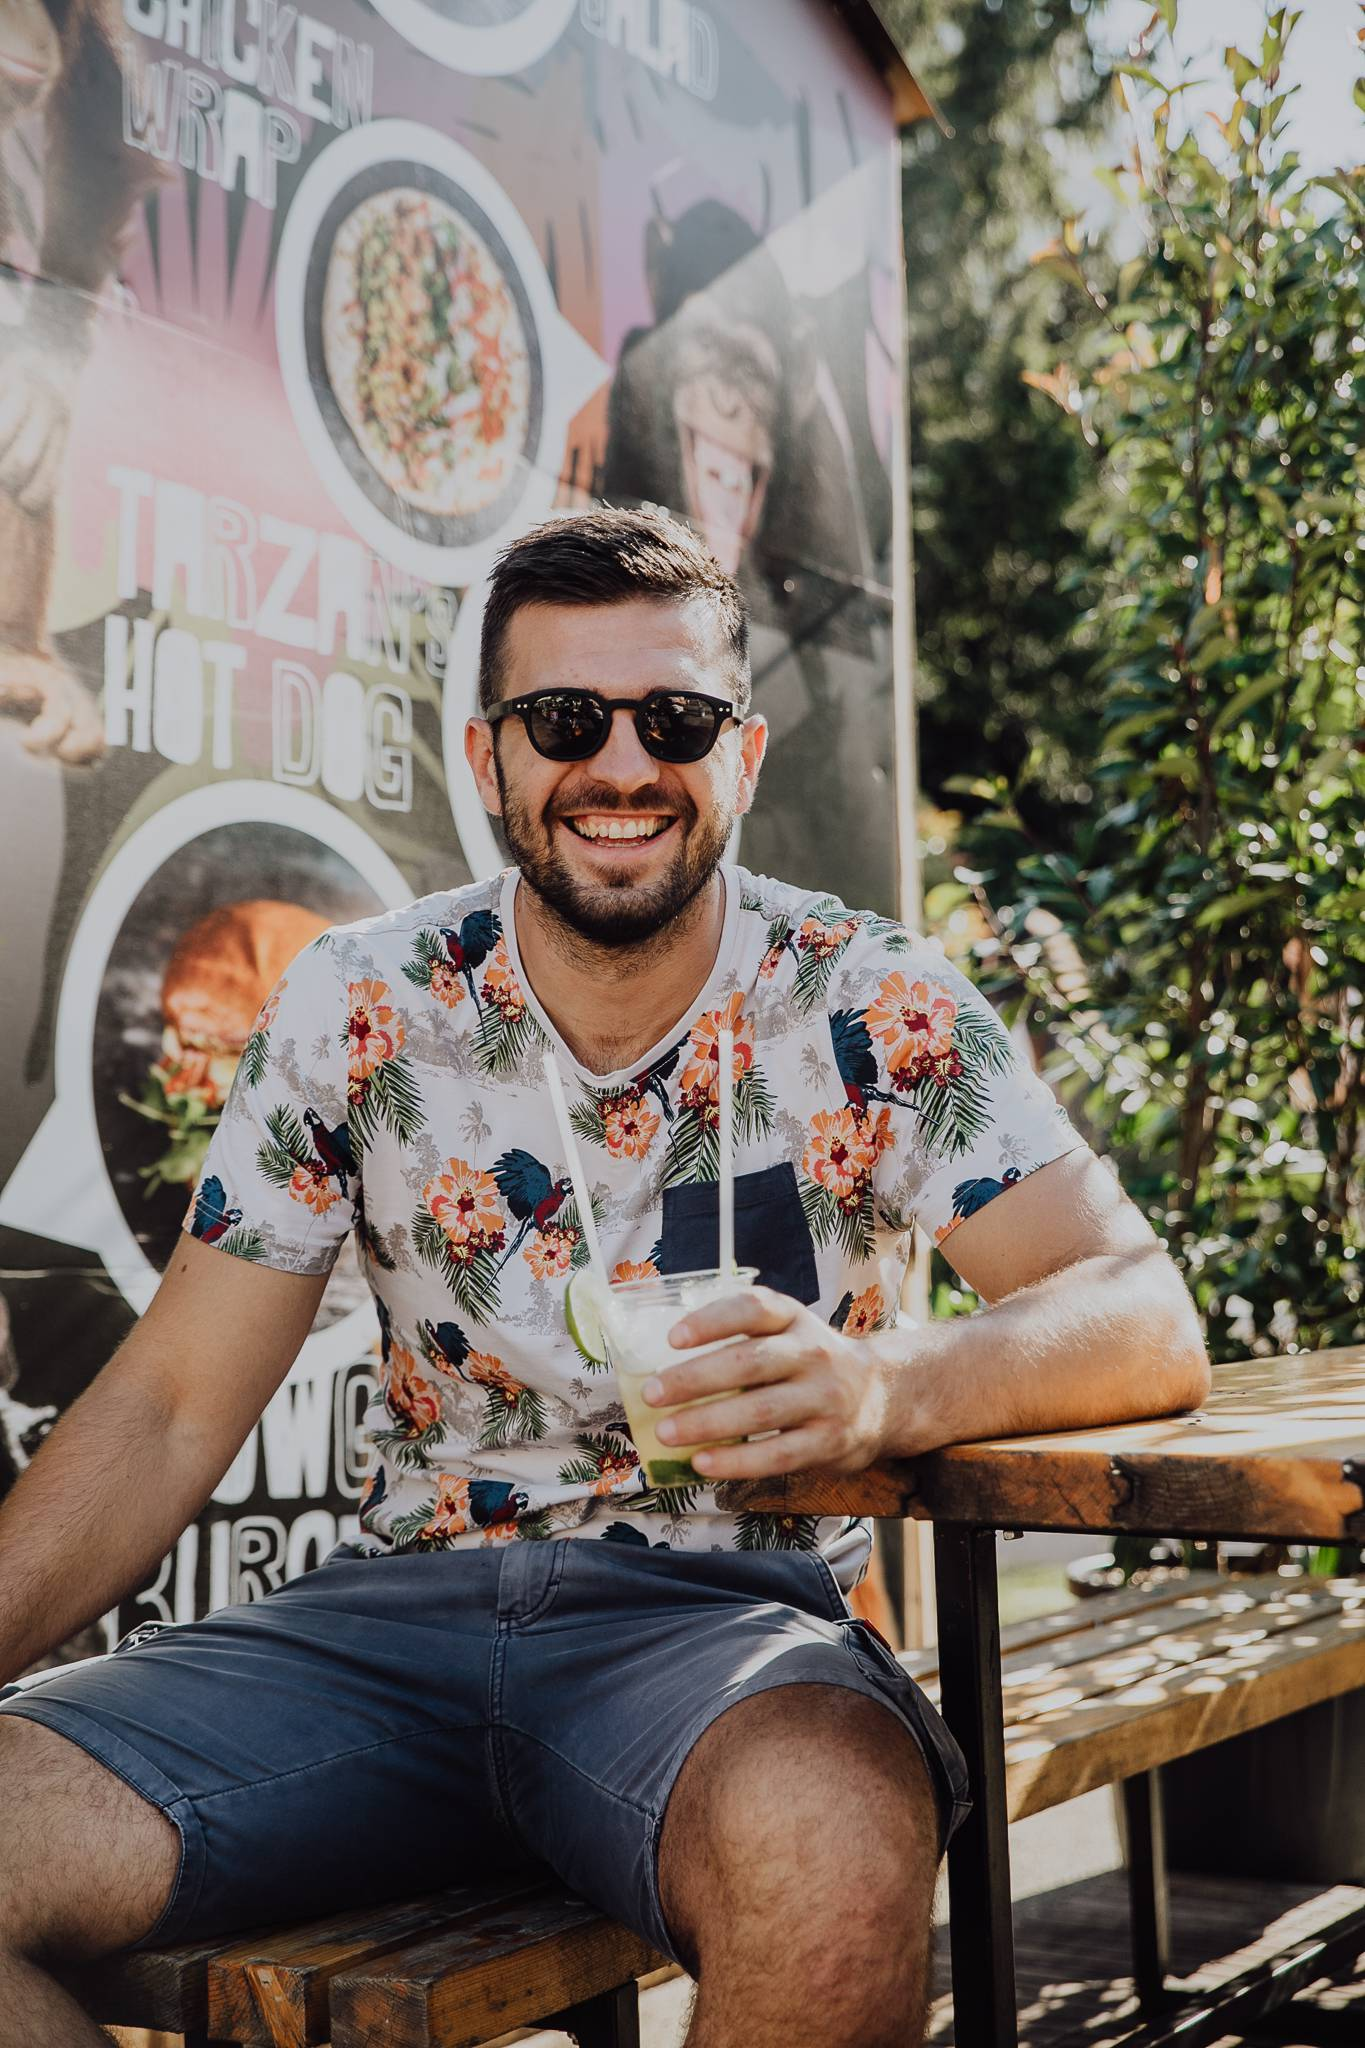 Fuliranje Jungle otvorilo svoja vrata: Uživajte u klopi, glazbi, dobrom pivu i ukusnim vinima